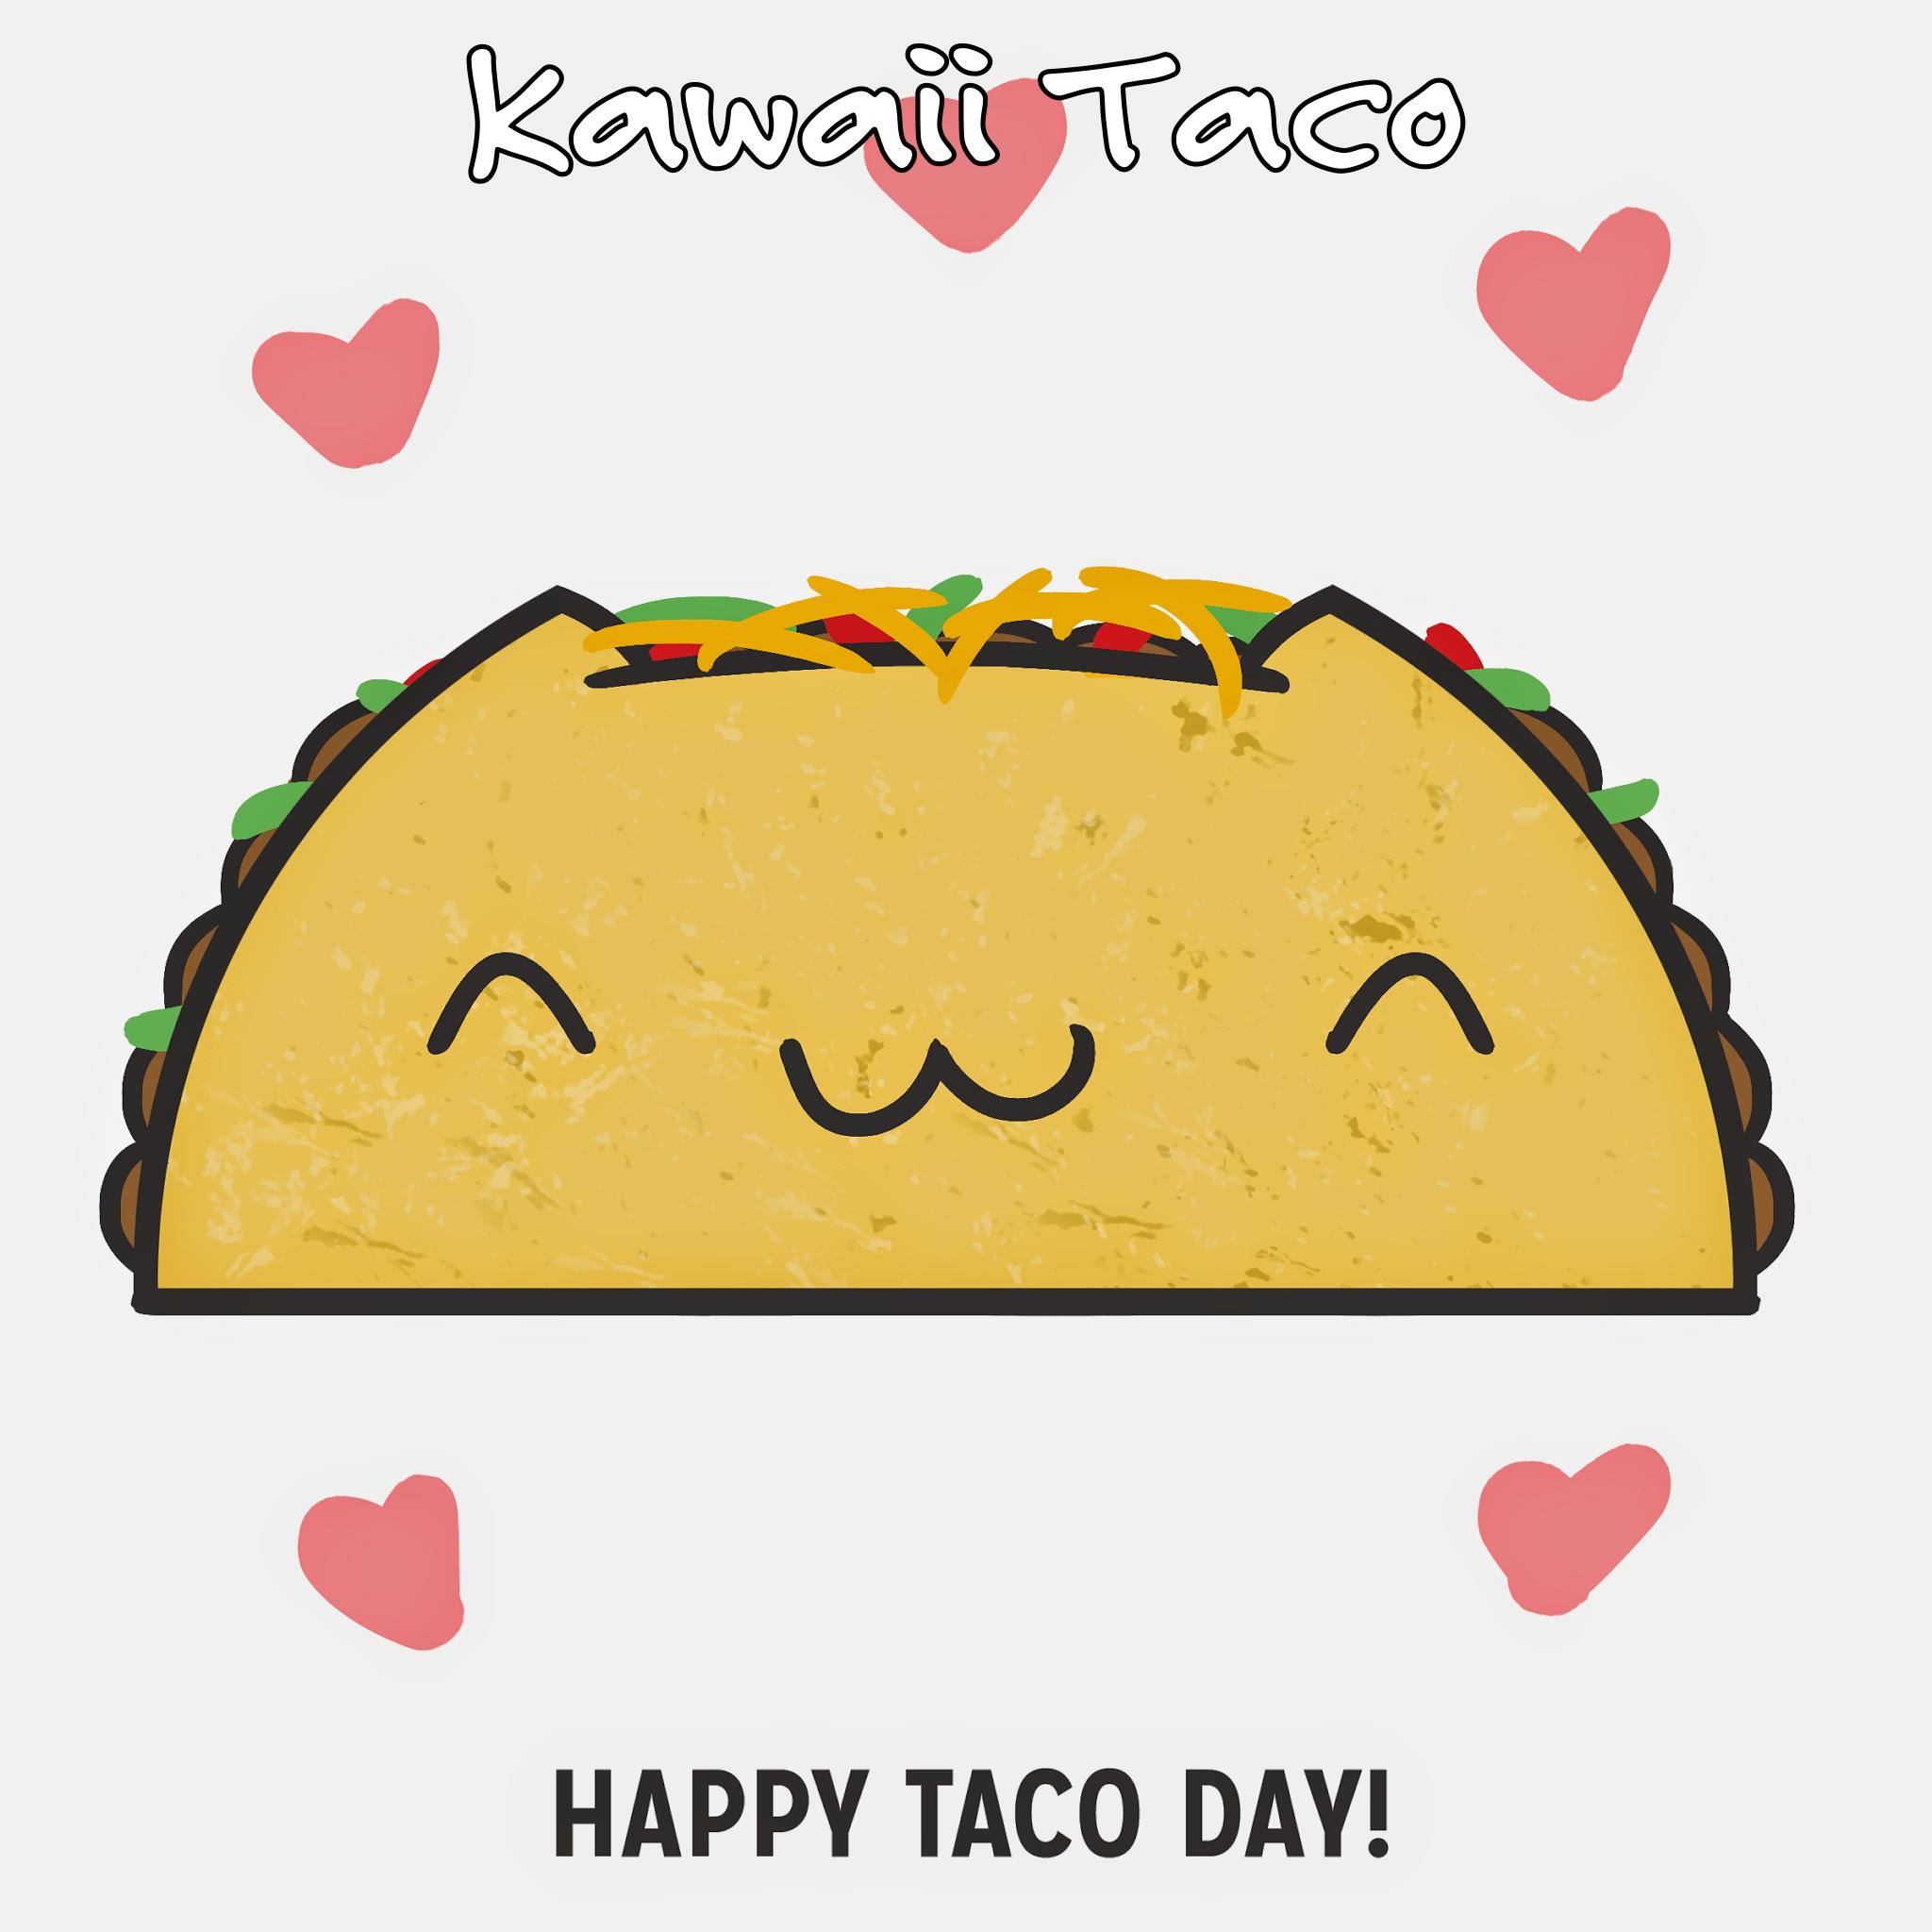 Kawaii Taco Png 2048 2048 Happy Taco Taco Drawing Tacos